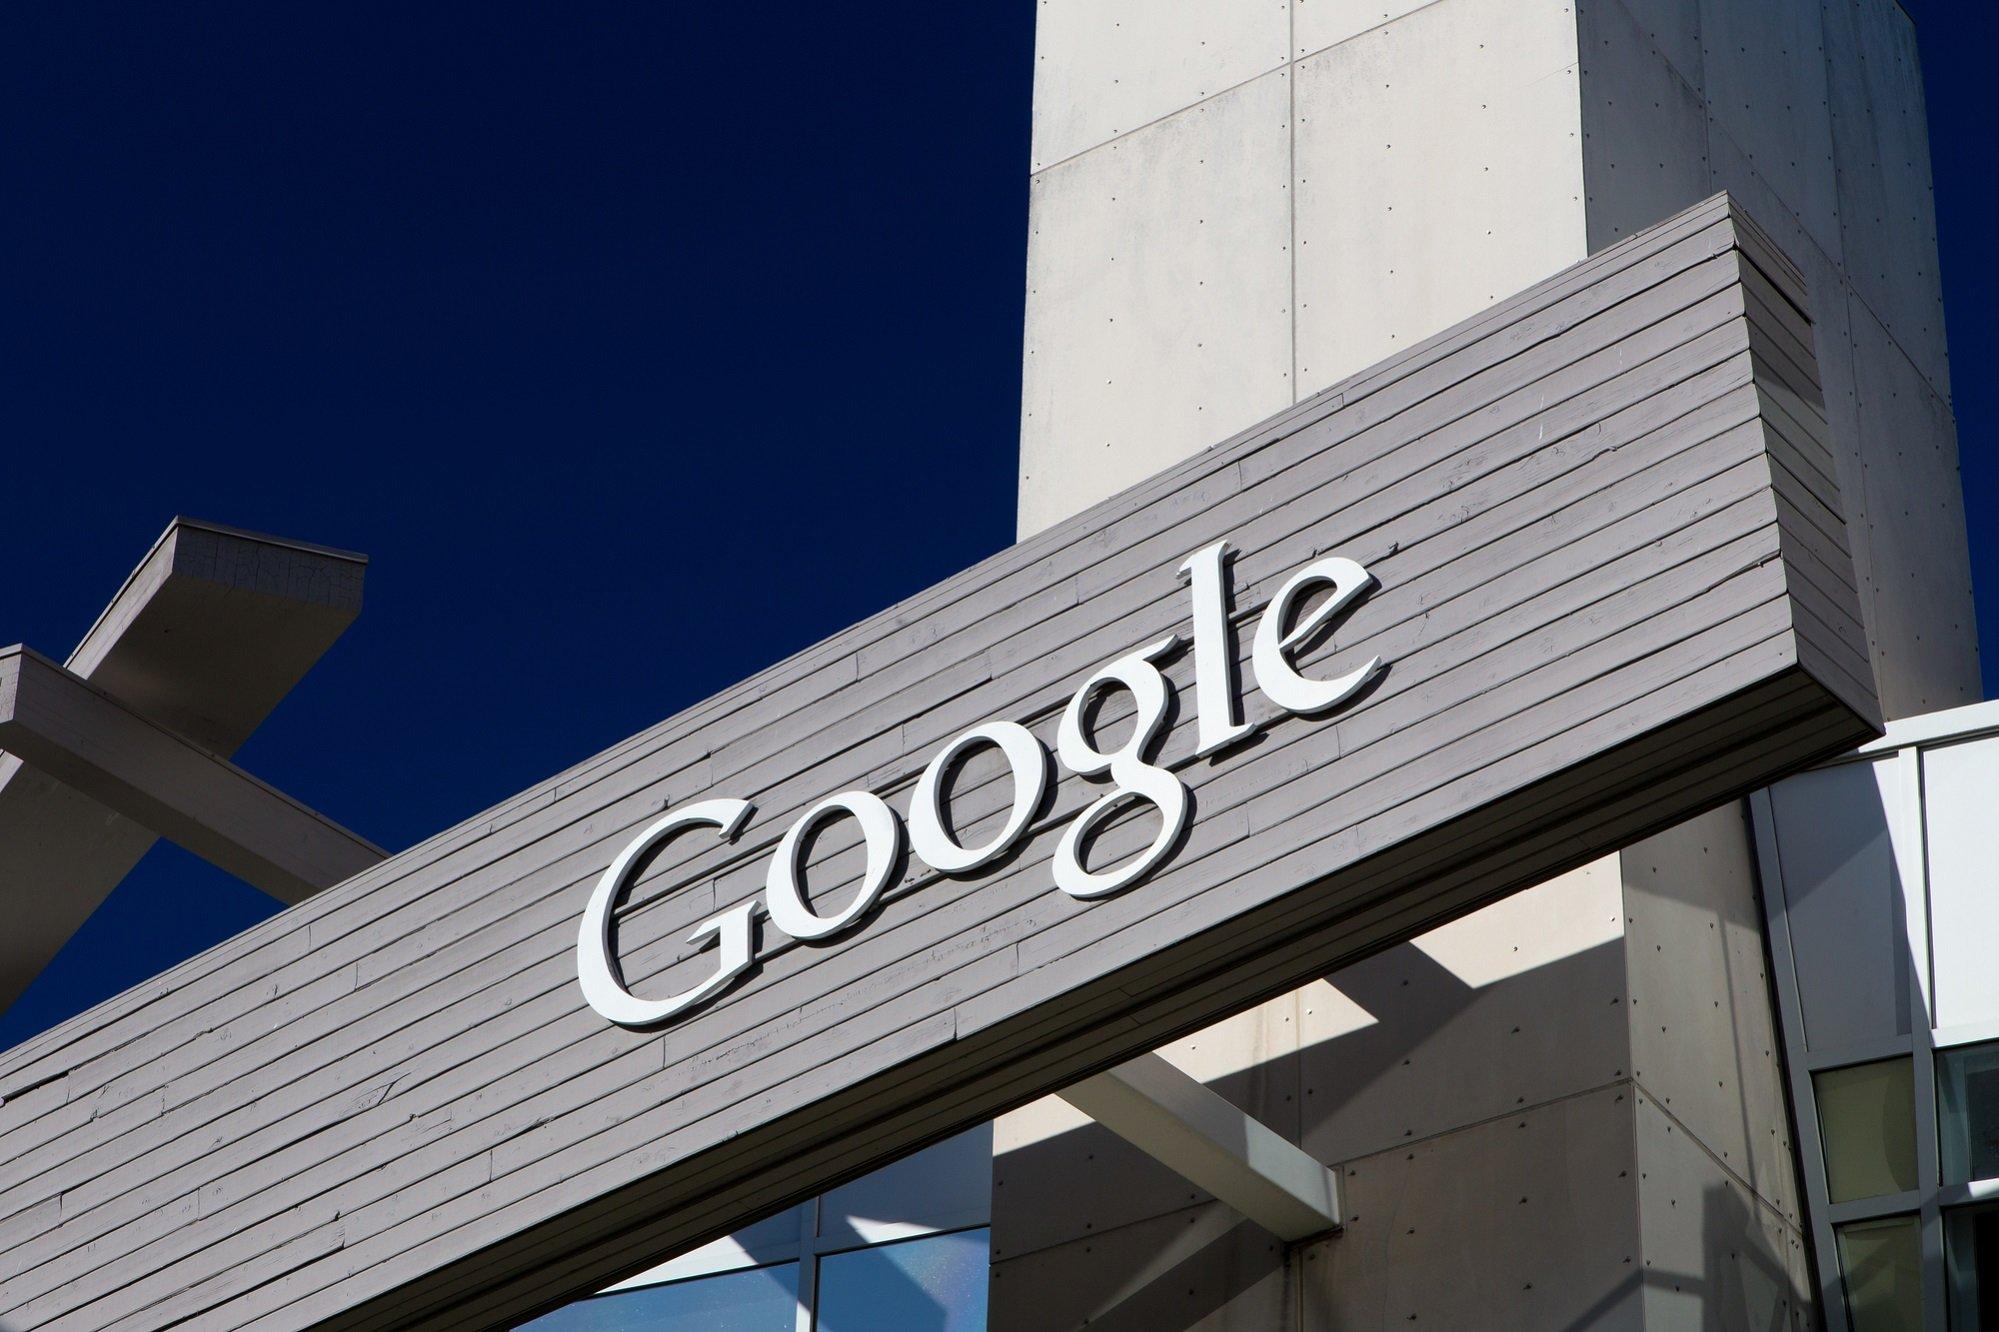 Google đã trả $ 6,5 hàng triệu nhà nghiên cứu đã báo cáo lỗ hổng 1